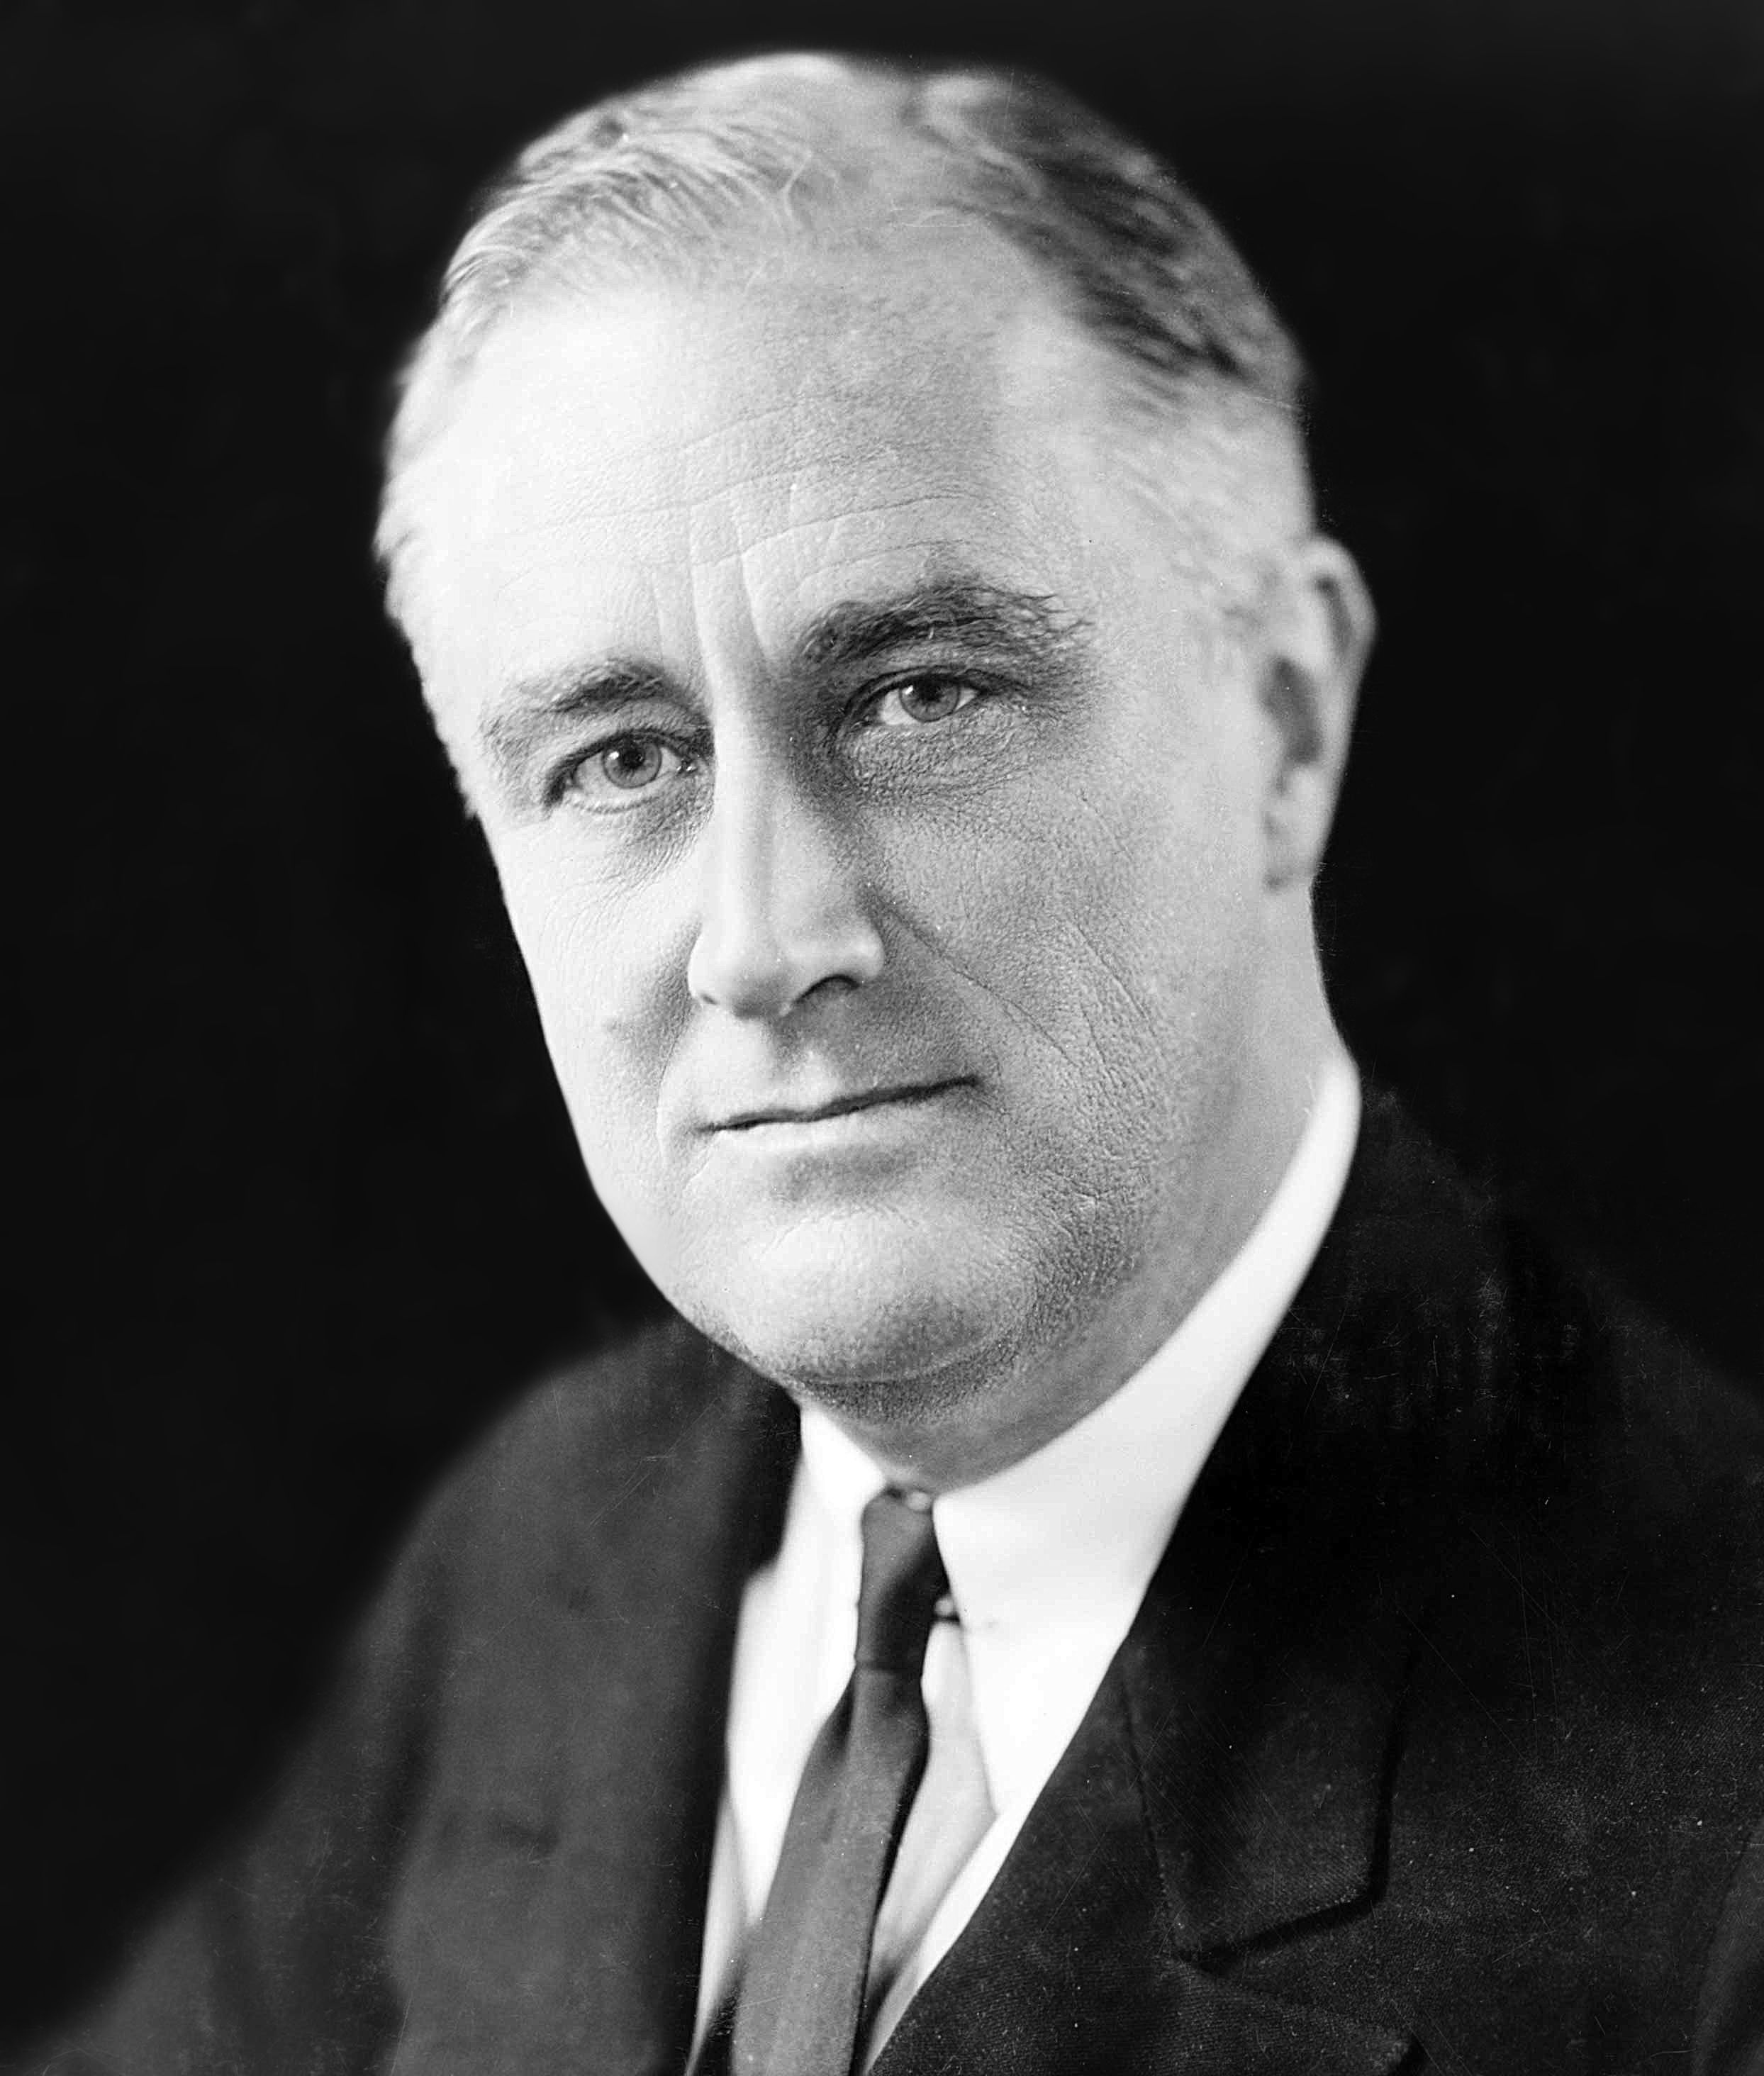 Franklin D. Roosevelt Net Worth